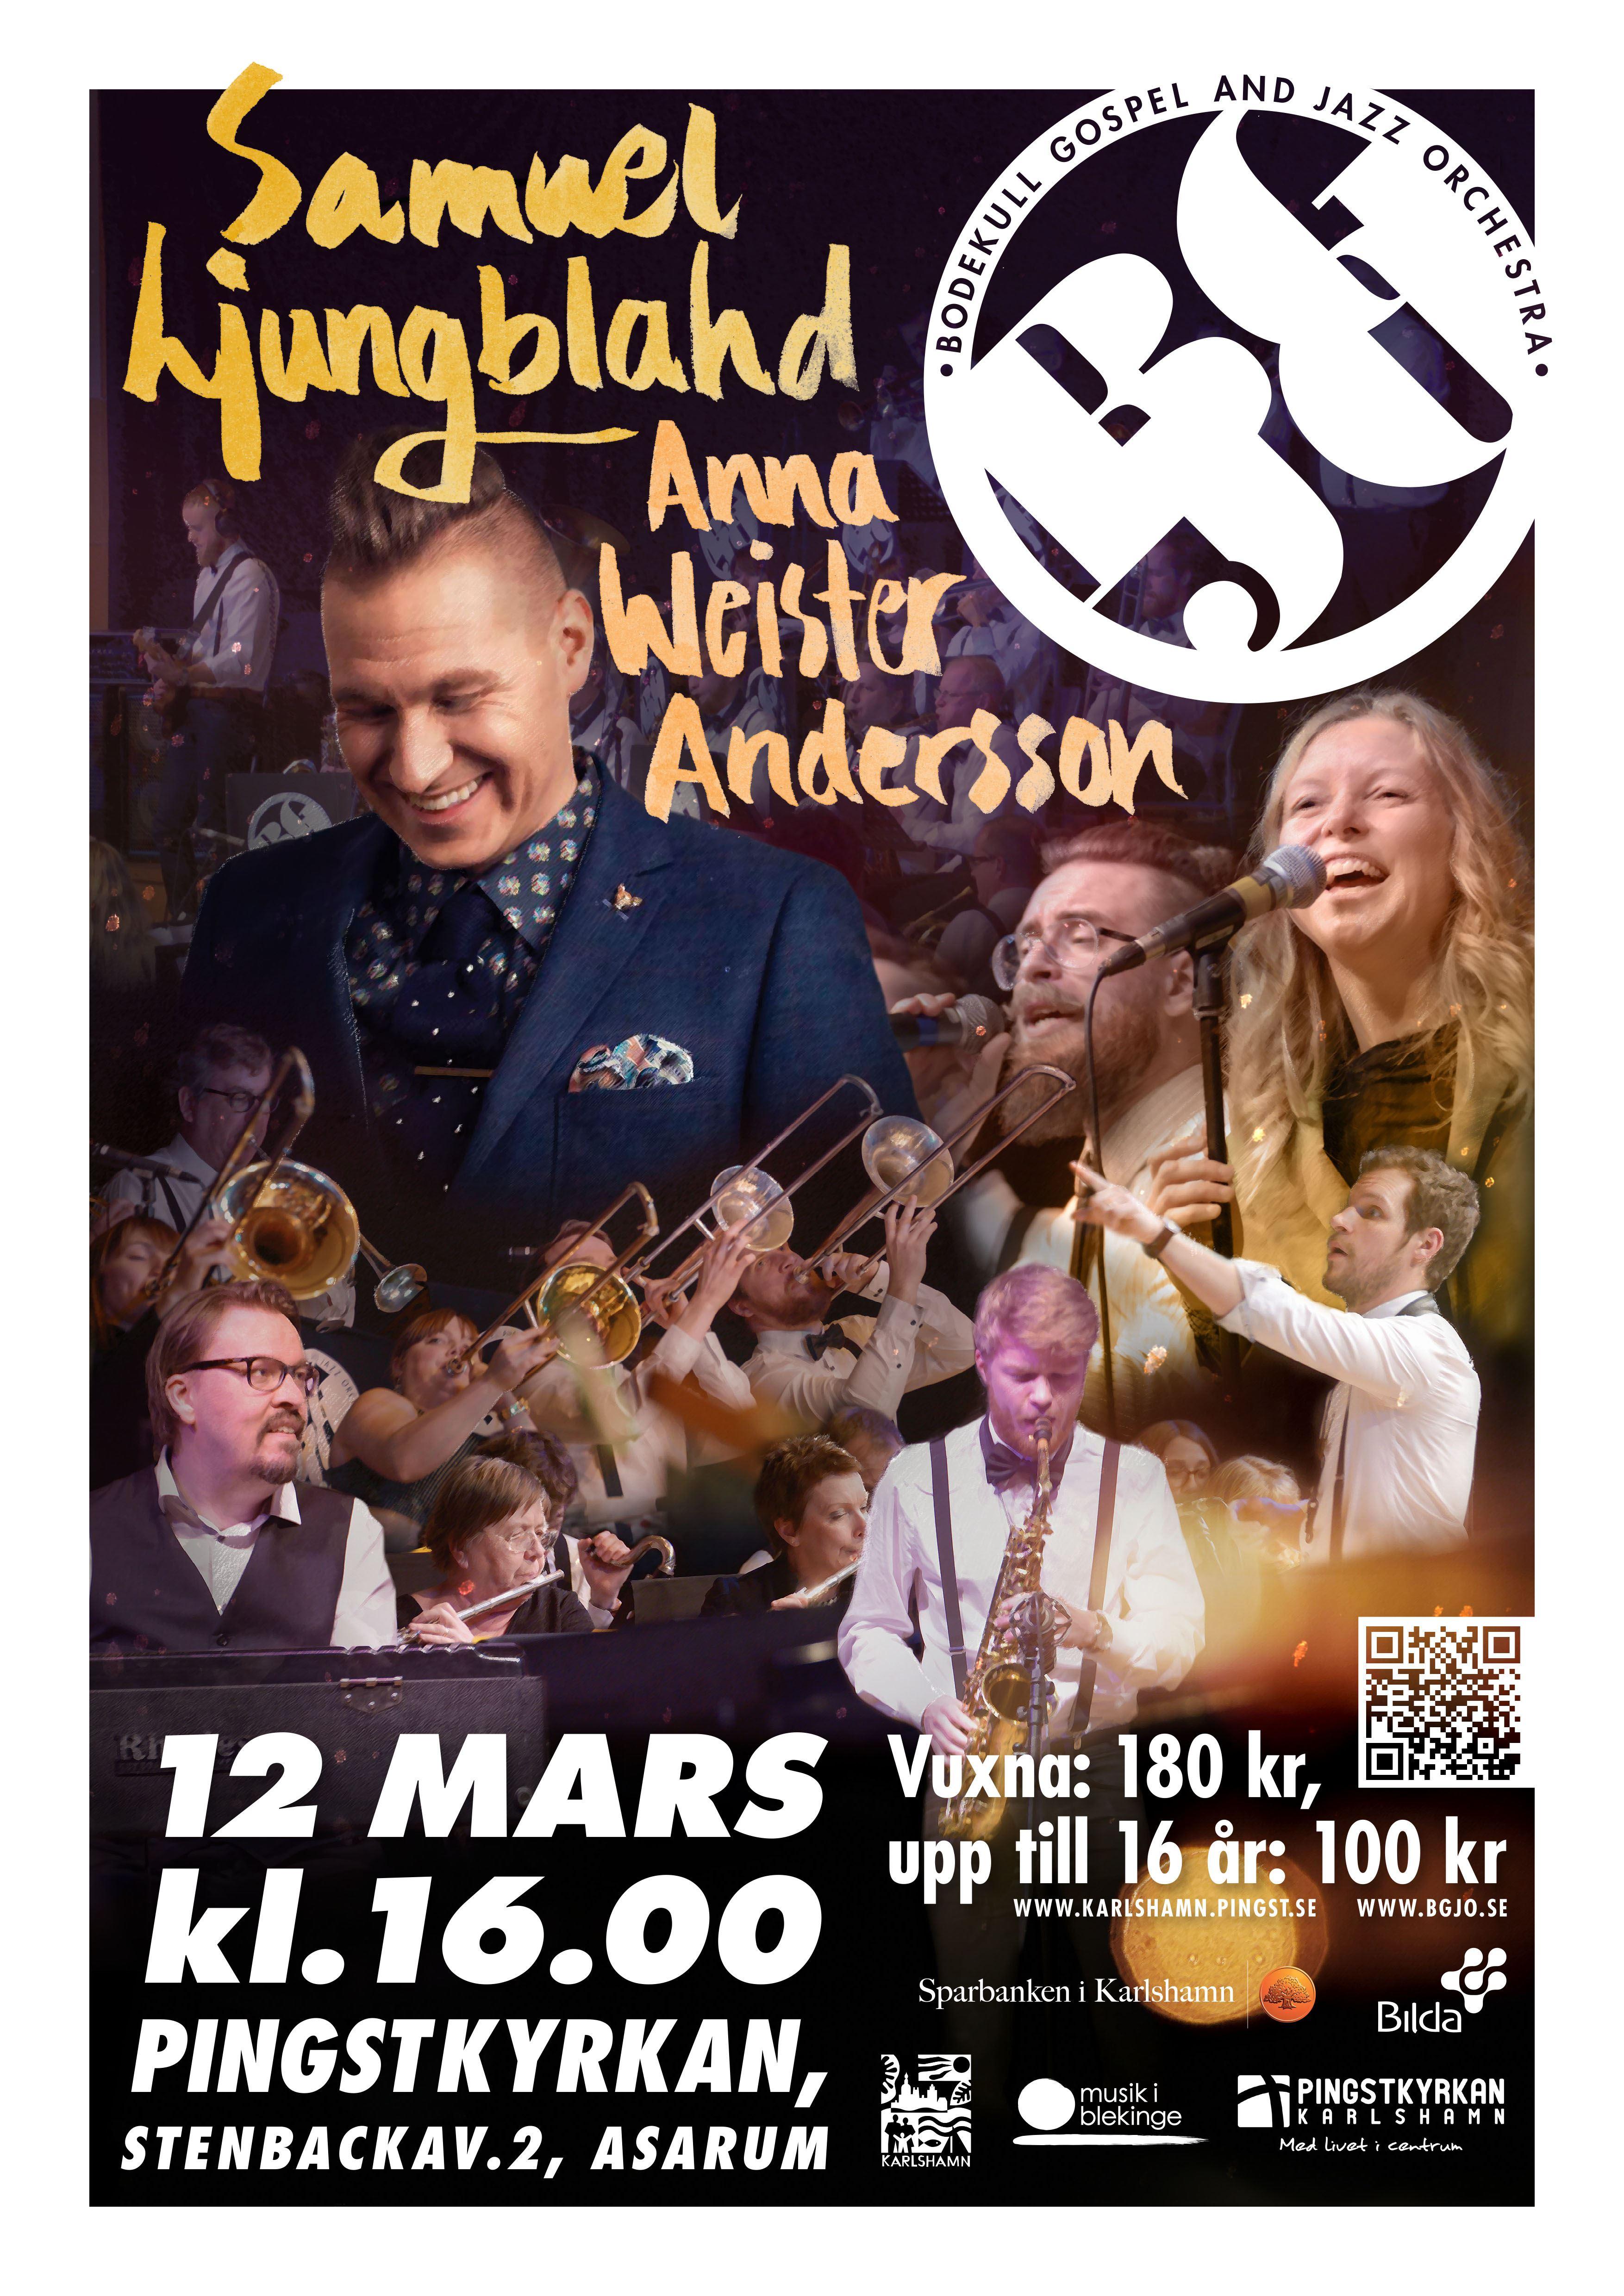 Konsert i Karlshamns Pingstkyrka